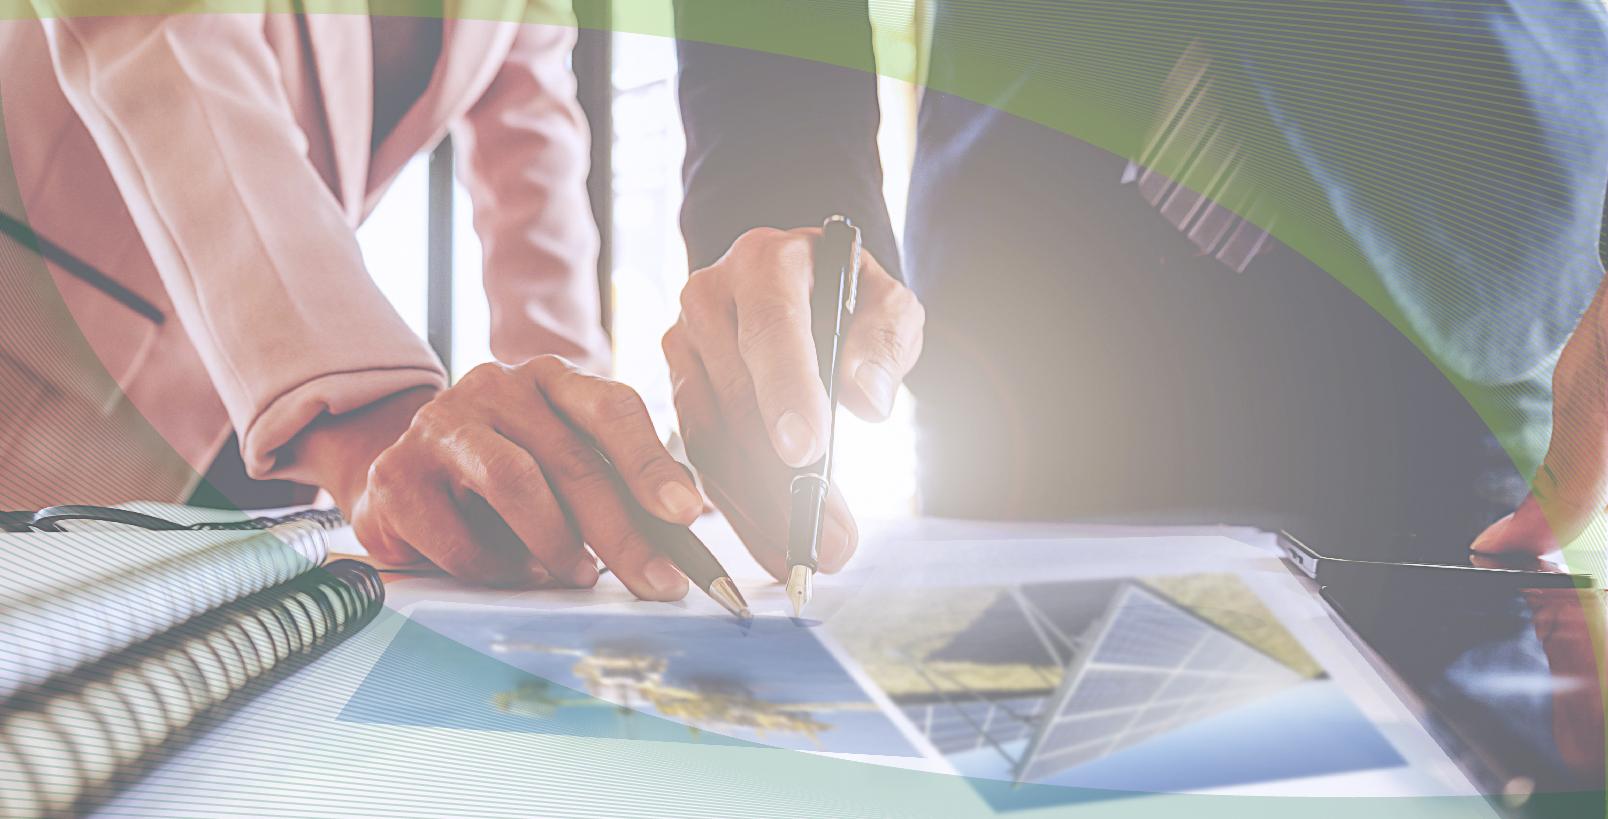 Ilustración con personas que atienden un documento en el que se aprecian dos fotografías con celda solar y plataforma petrolera.